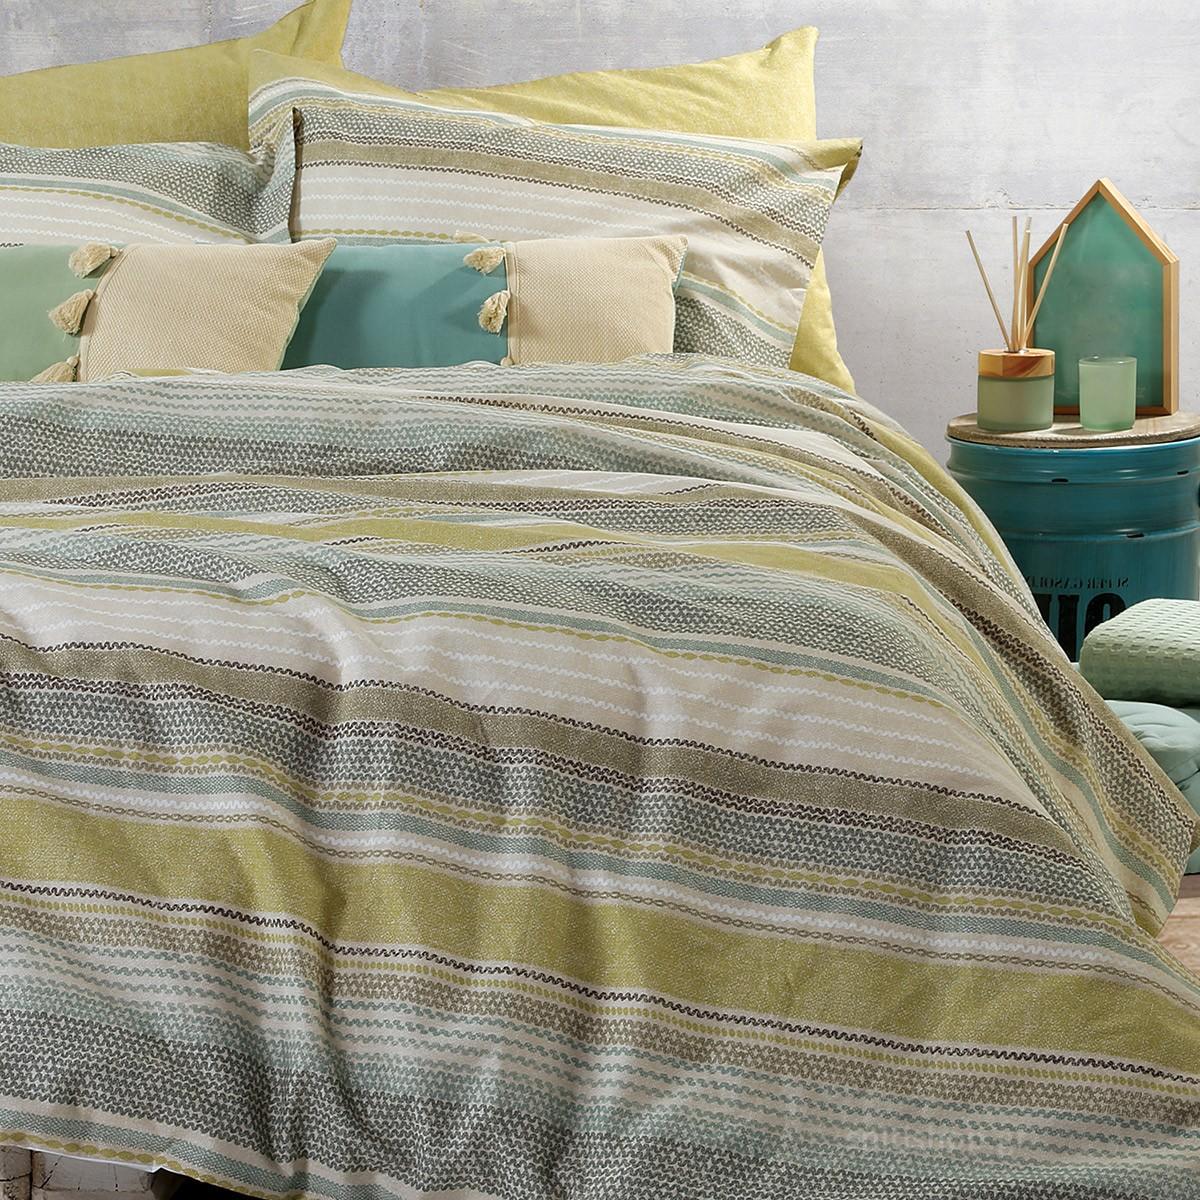 Κουβερλί Υπέρδιπλο Nef-Nef Smart Line Fuente Lime home   κρεβατοκάμαρα   κουβερλί   κουβερλί υπέρδιπλα